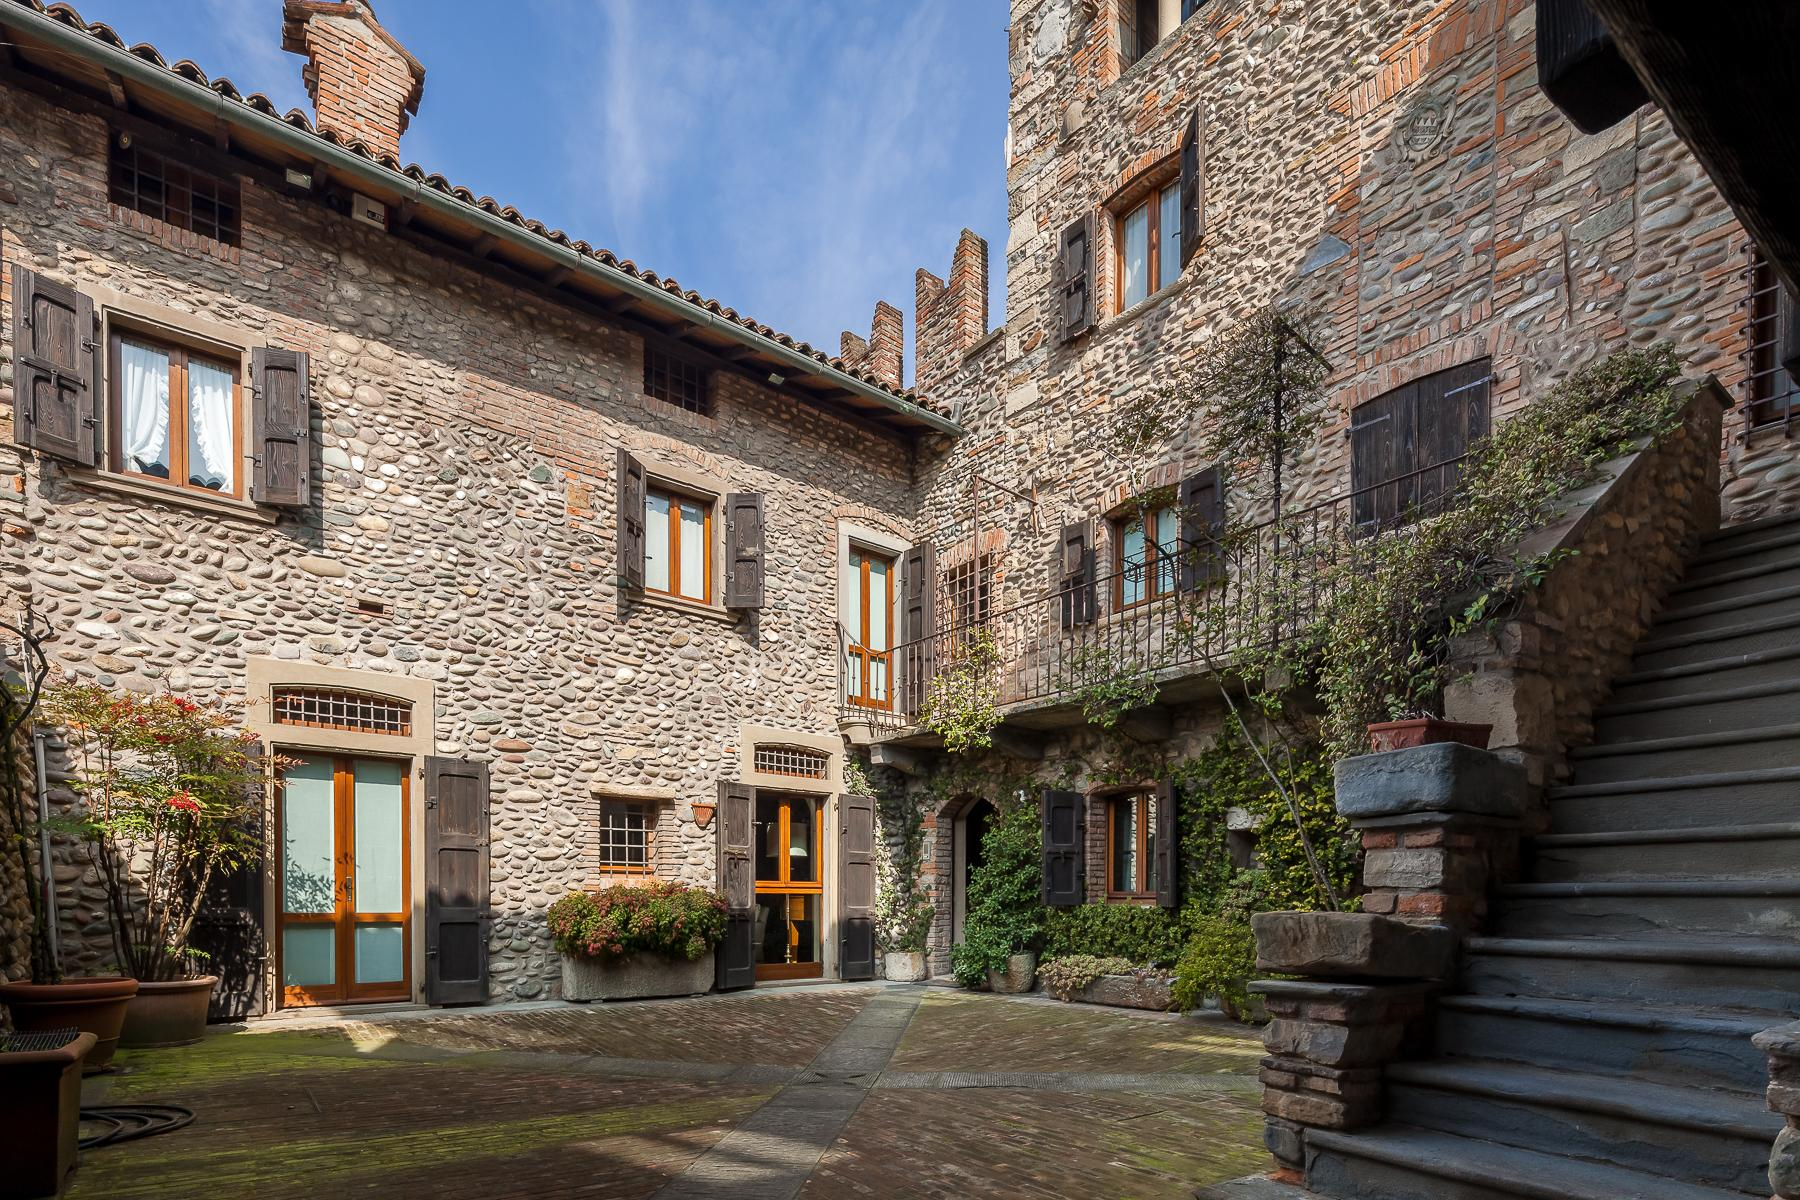 Meravigliosa proprietà storica a Bergamo - 3